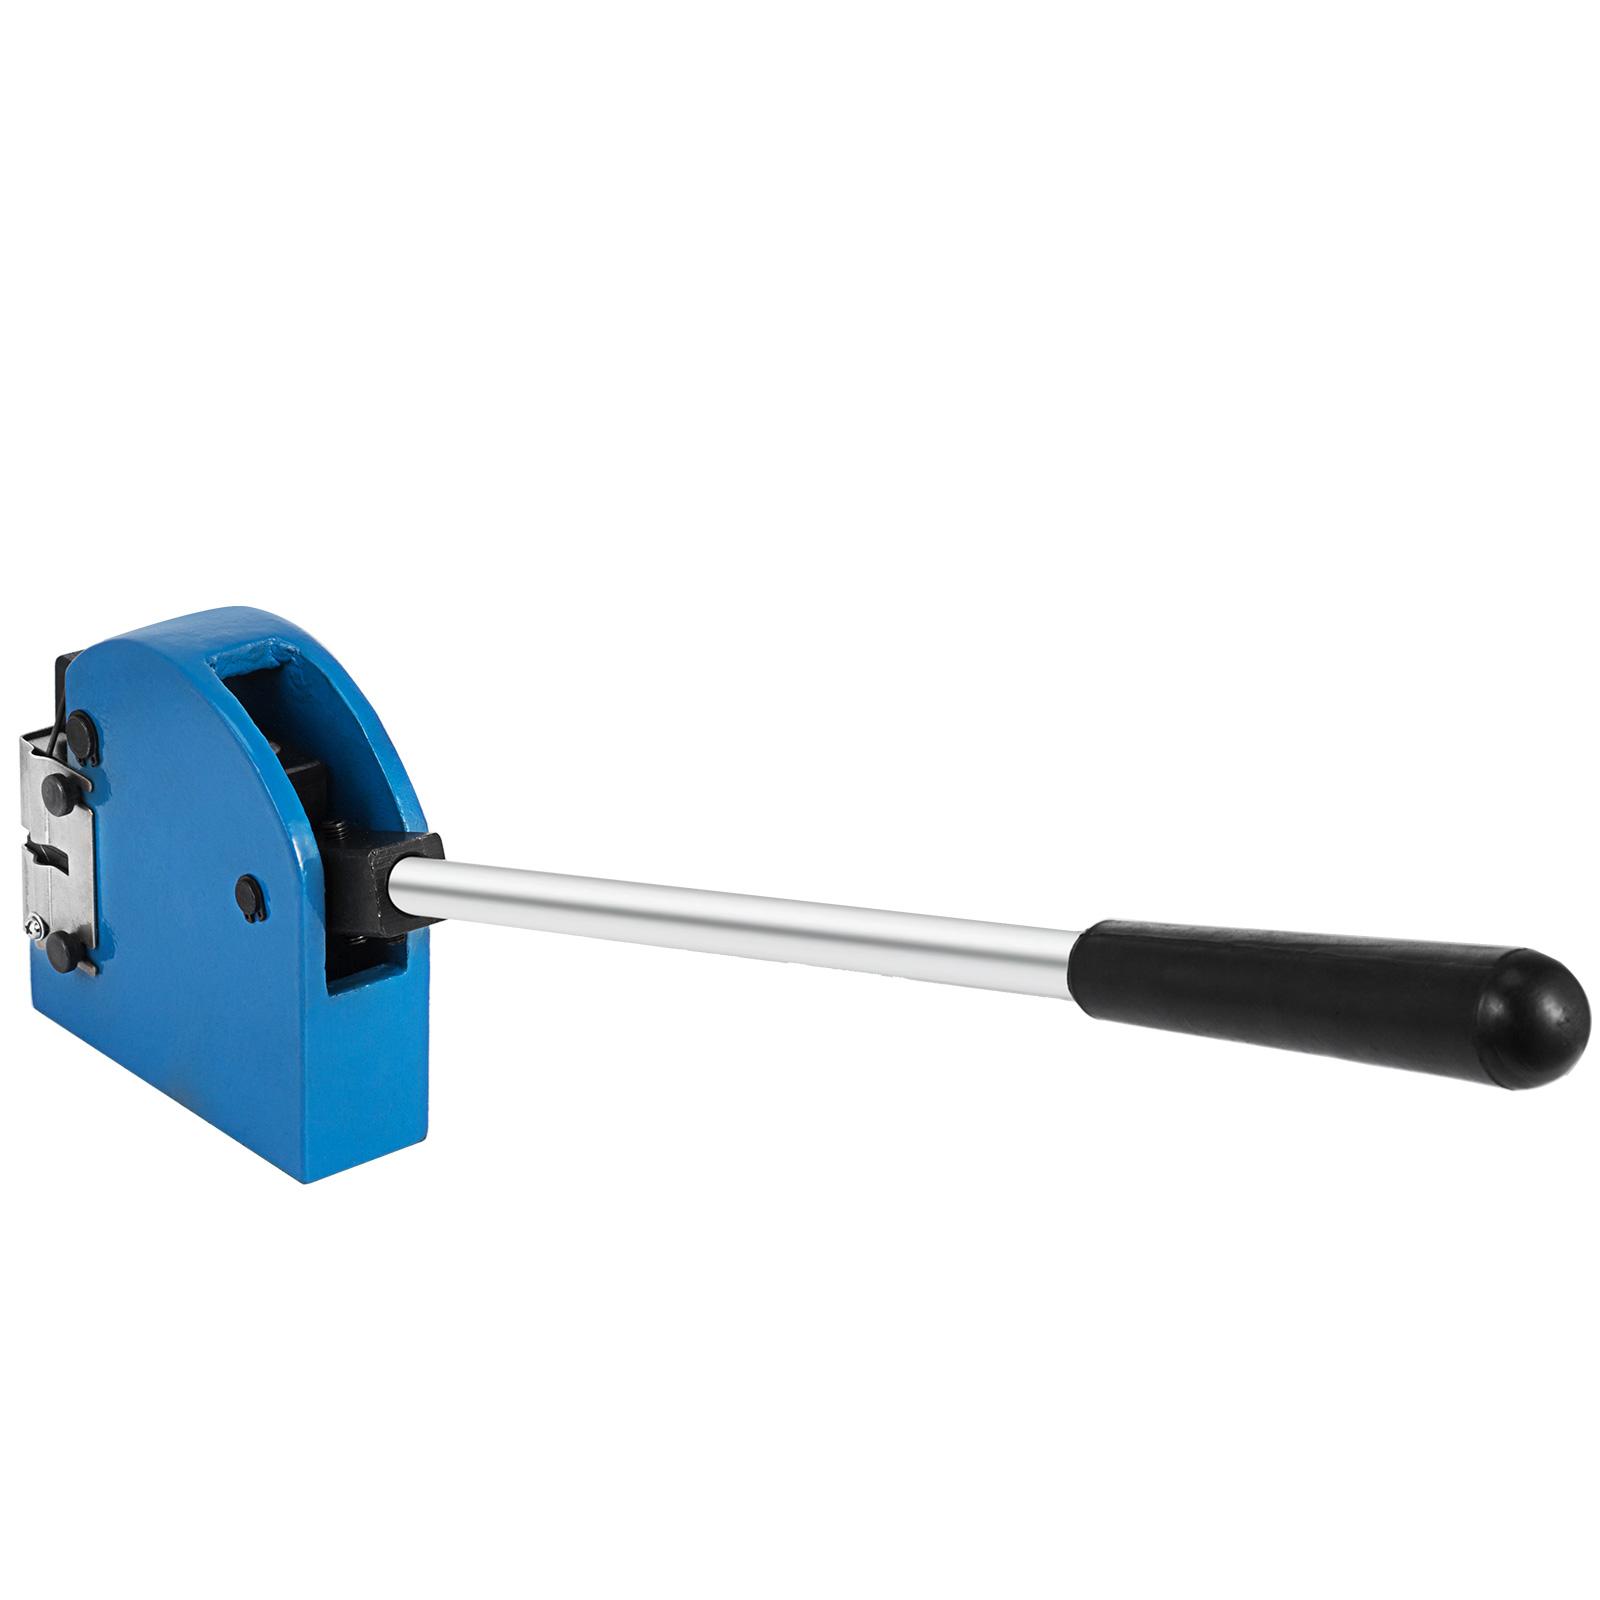 Sheet-Metal-Shrinker-Stretcher-16-18-20-Ga-Aluminum-Mild-Steel-Stainless-Steel thumbnail 12